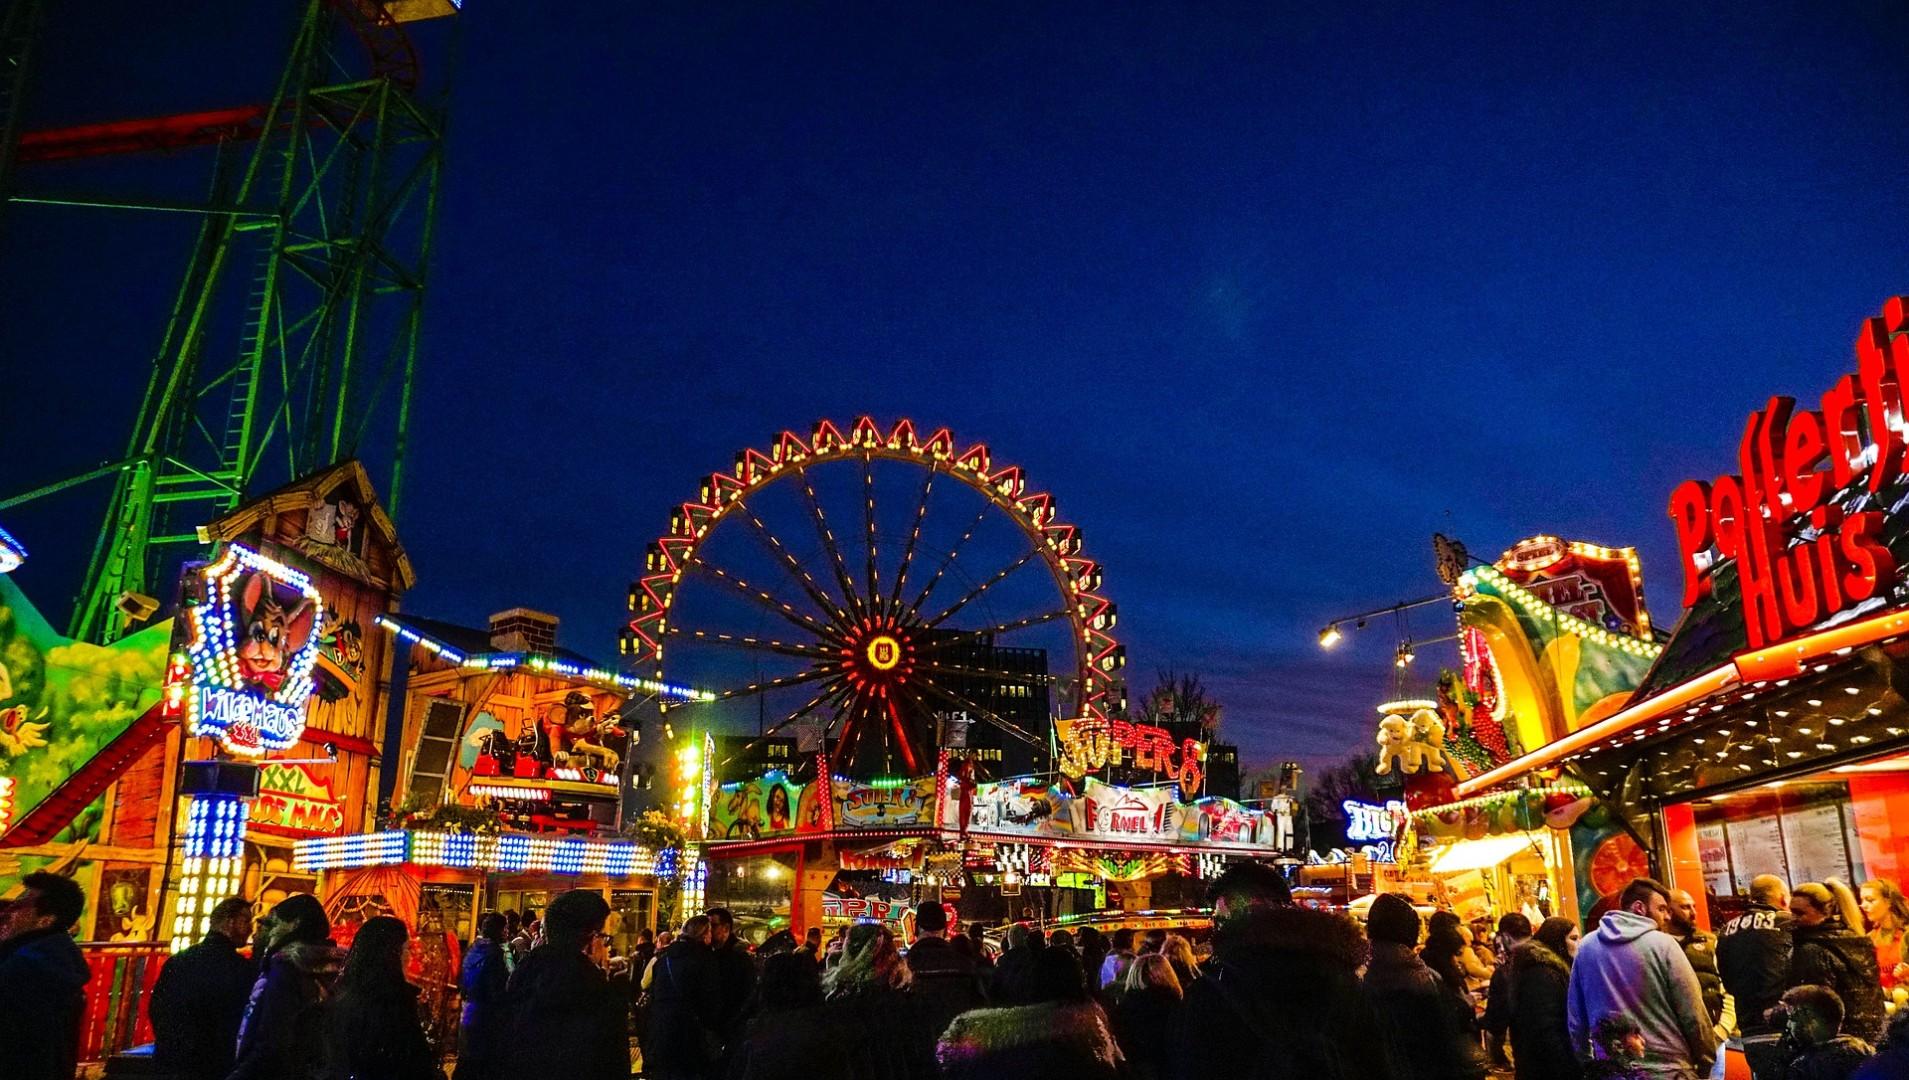 fun-fair-2174258_1920.jpg